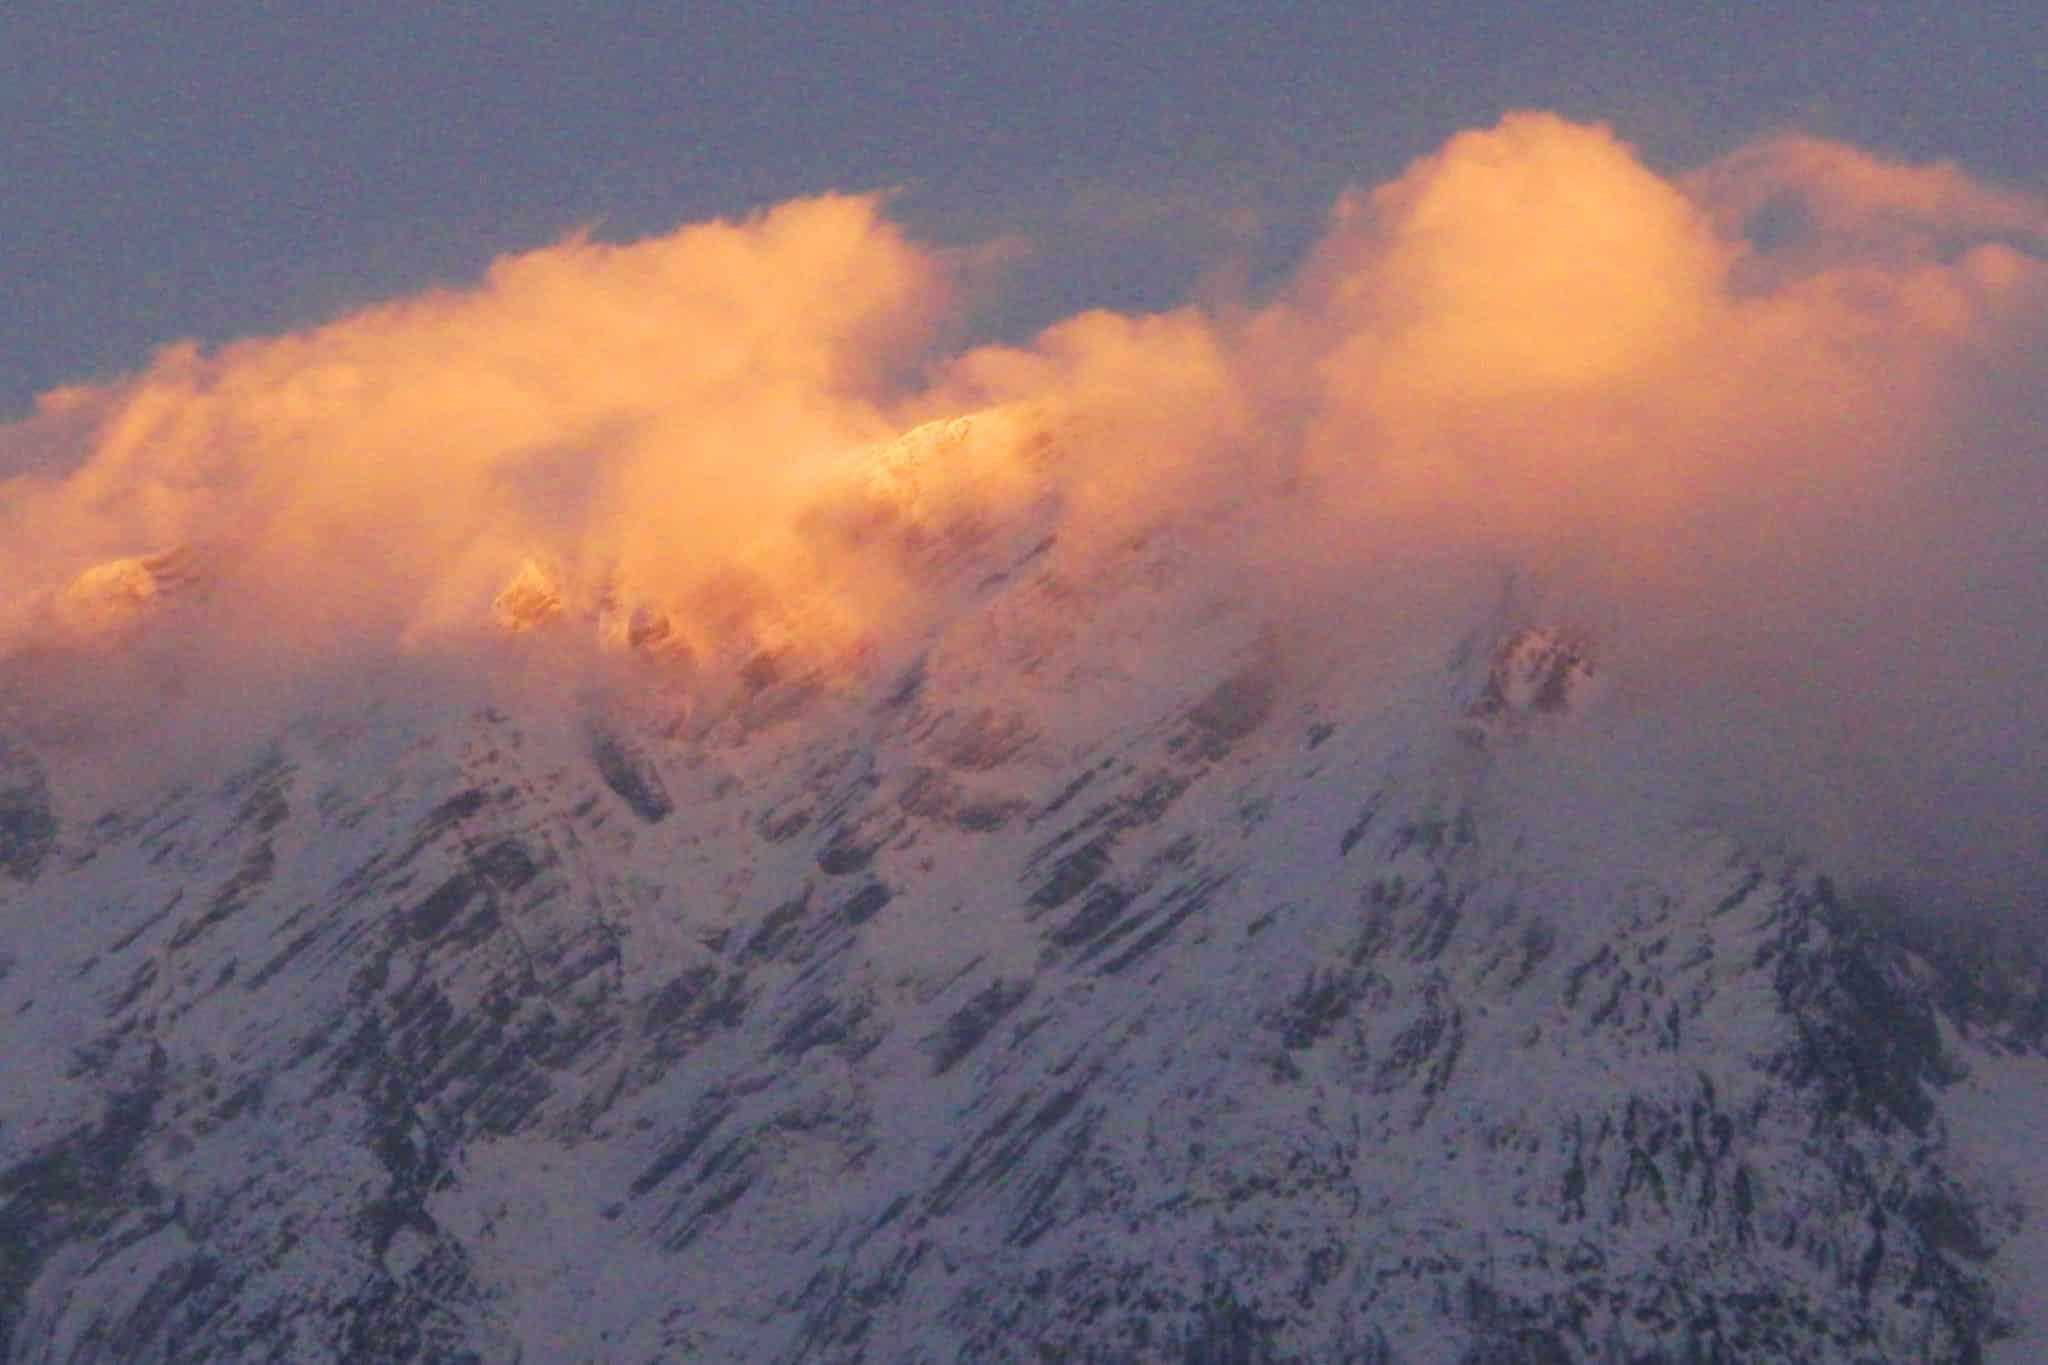 Morgenrot im Winter mit Grimming - Blick von Sonnenalm, Bad Mitterndorf